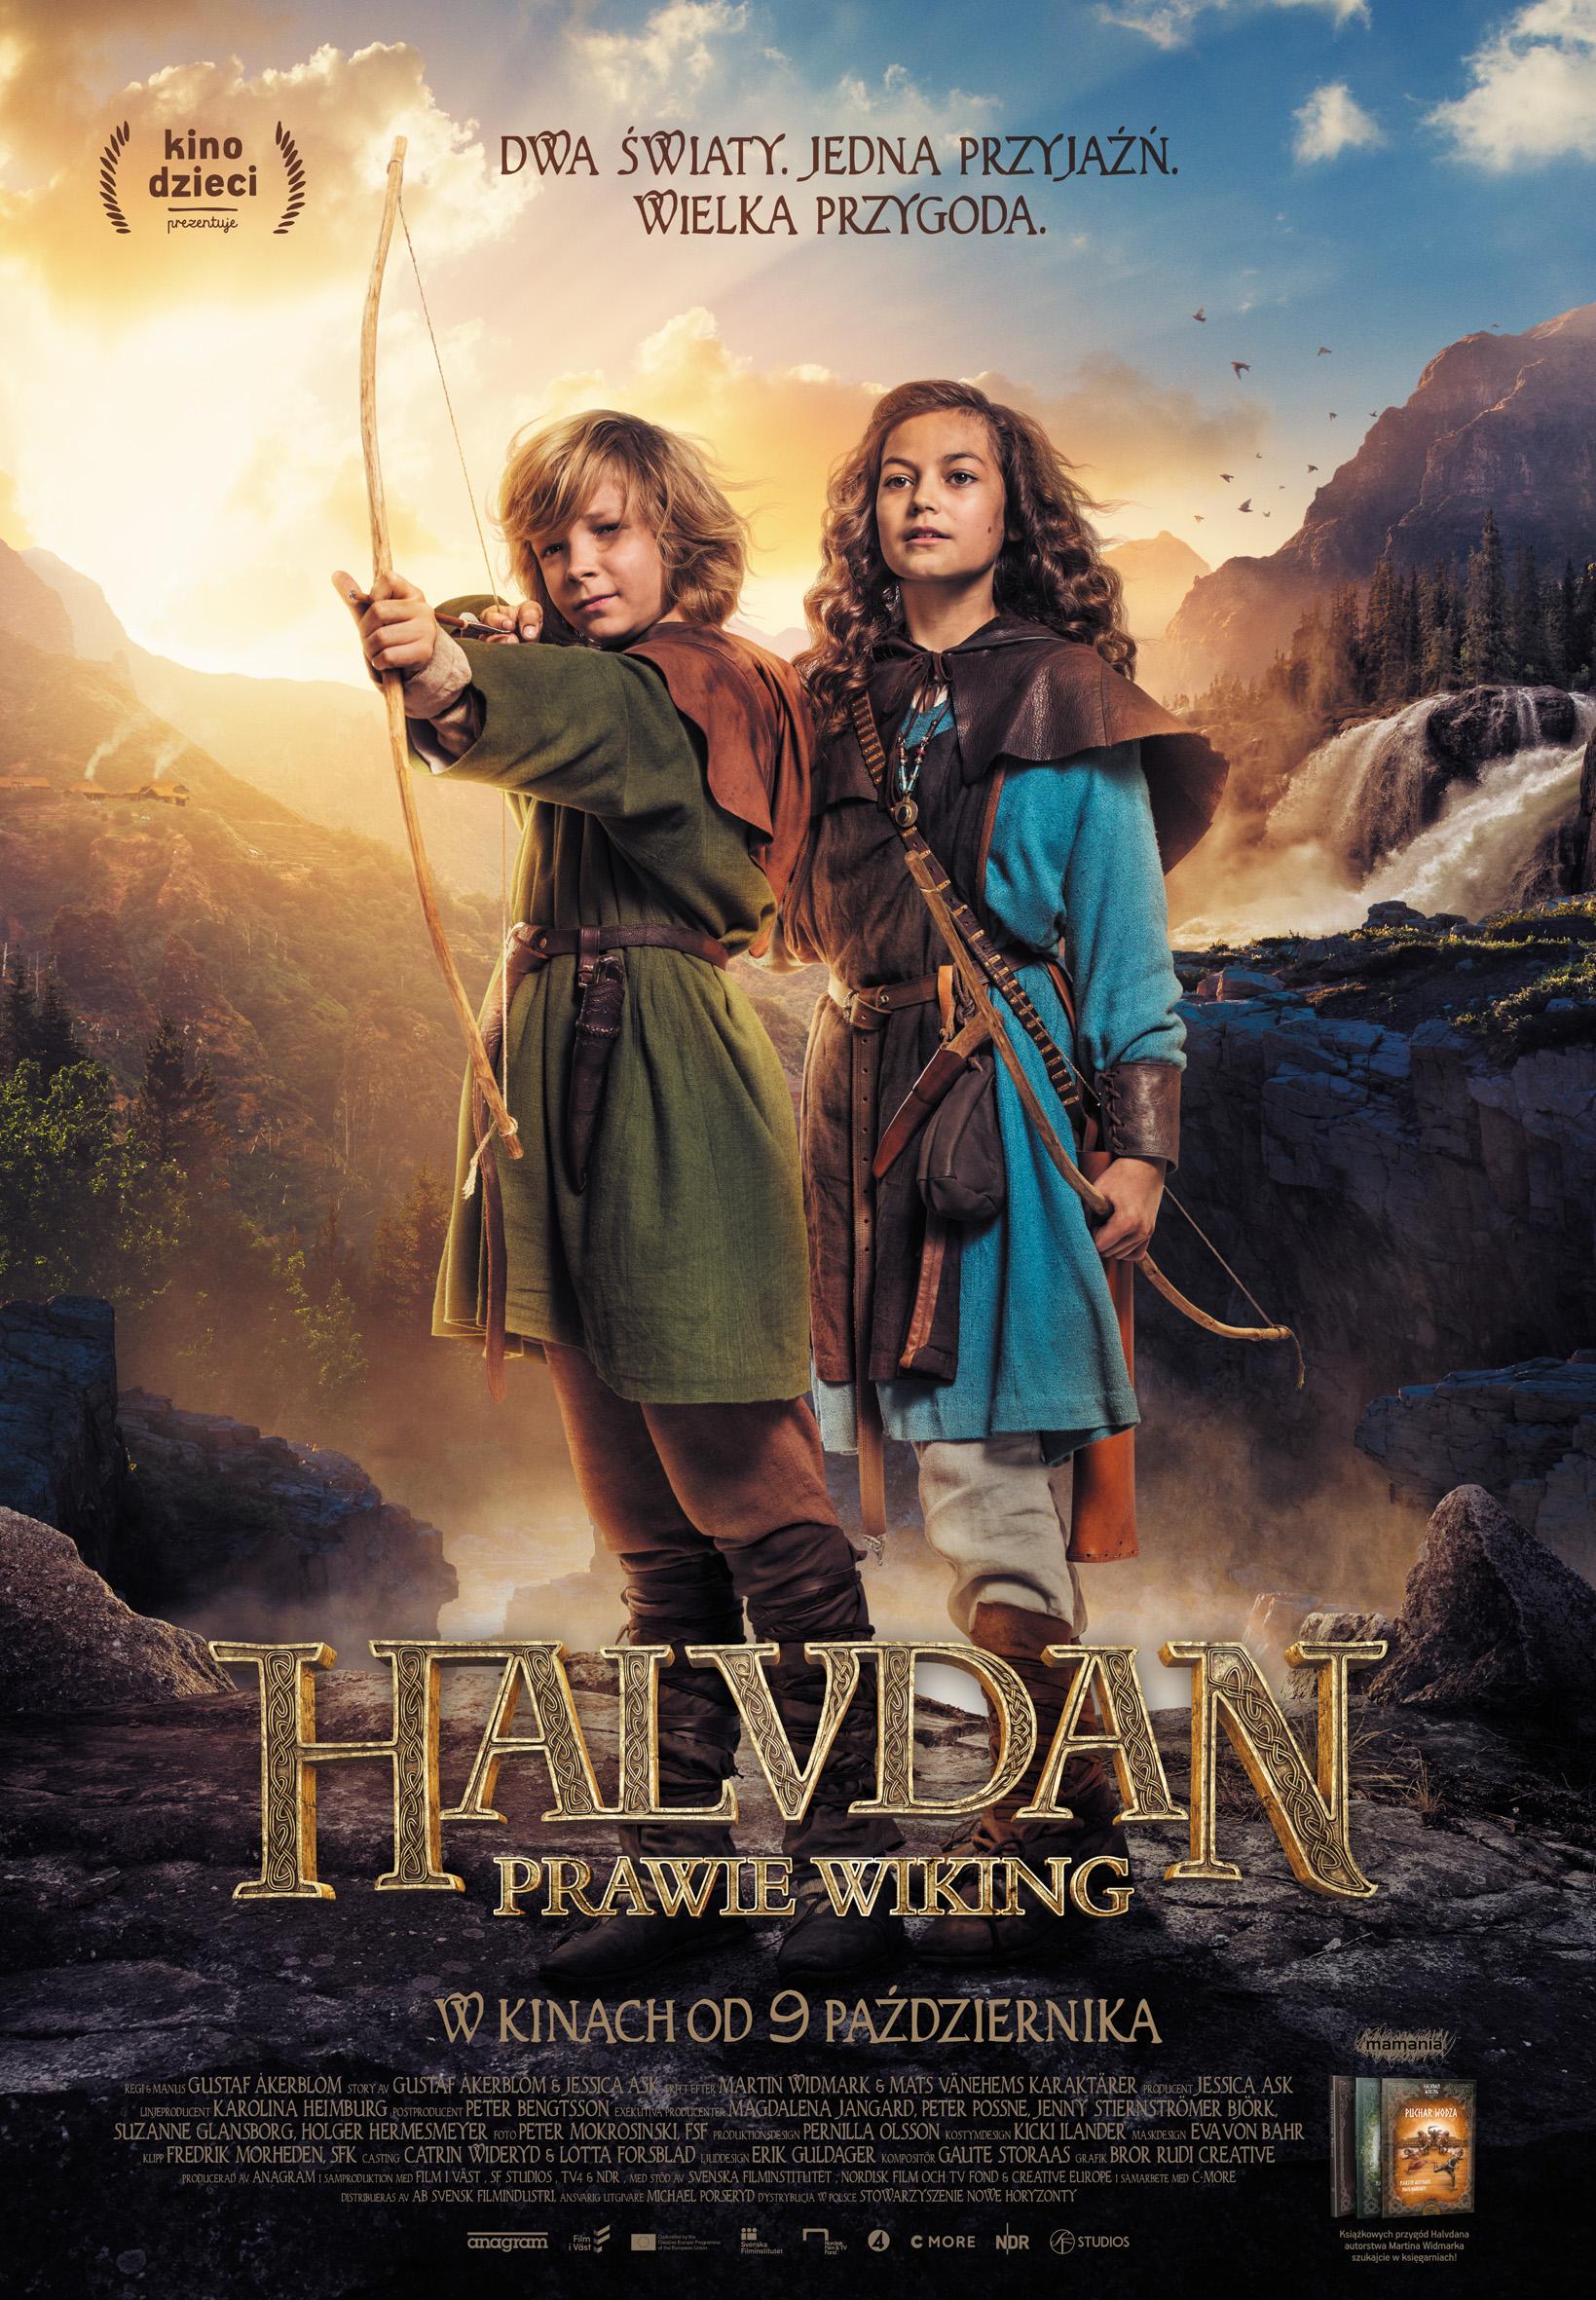 Halvdan-prawie-Wiking-B1